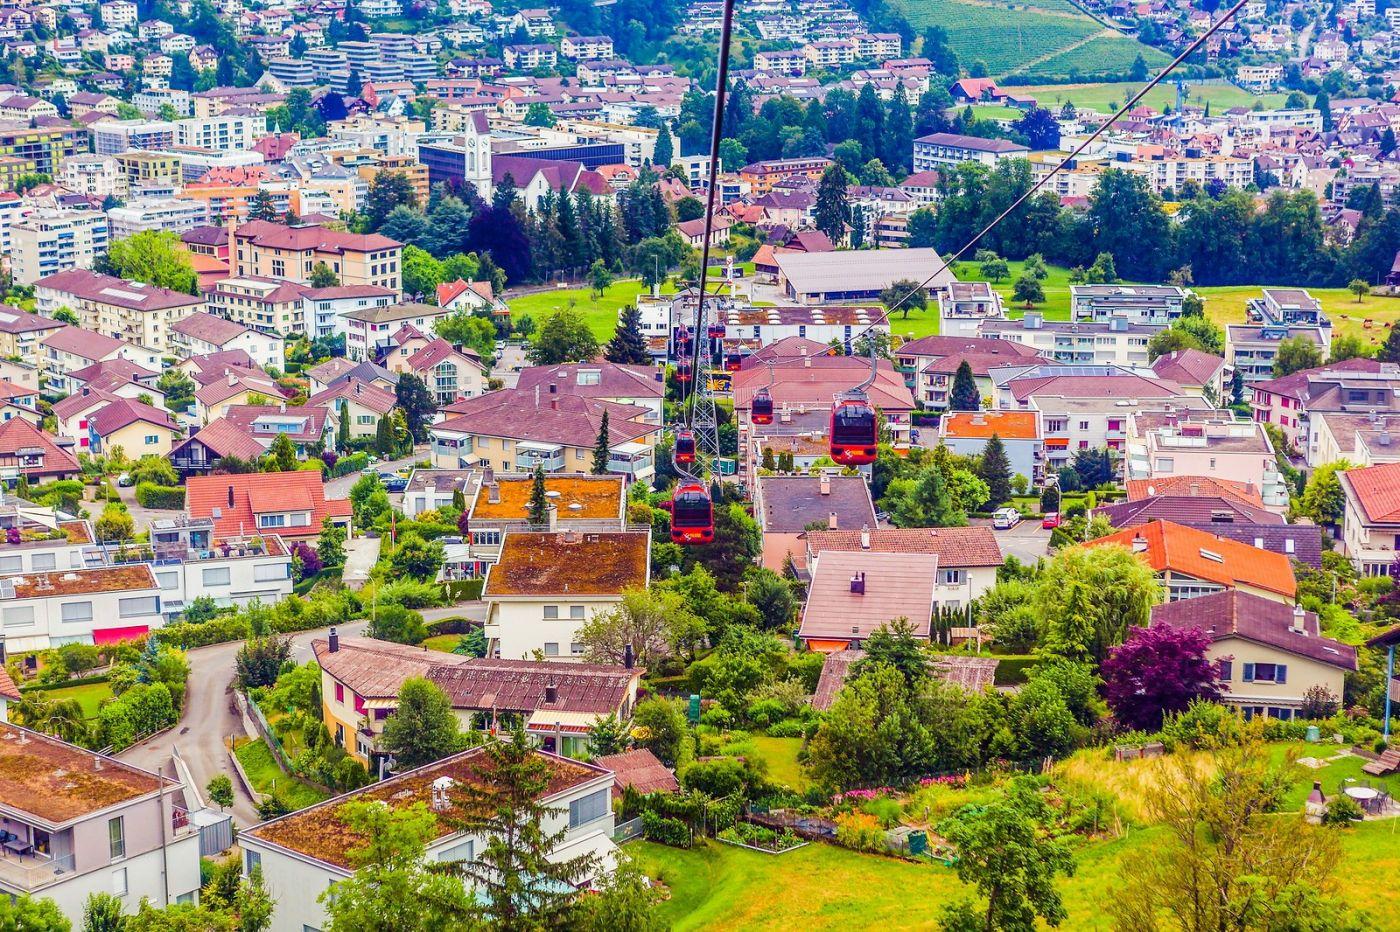 瑞士卢塞恩(Lucerne),坐缆车看风景_图1-31